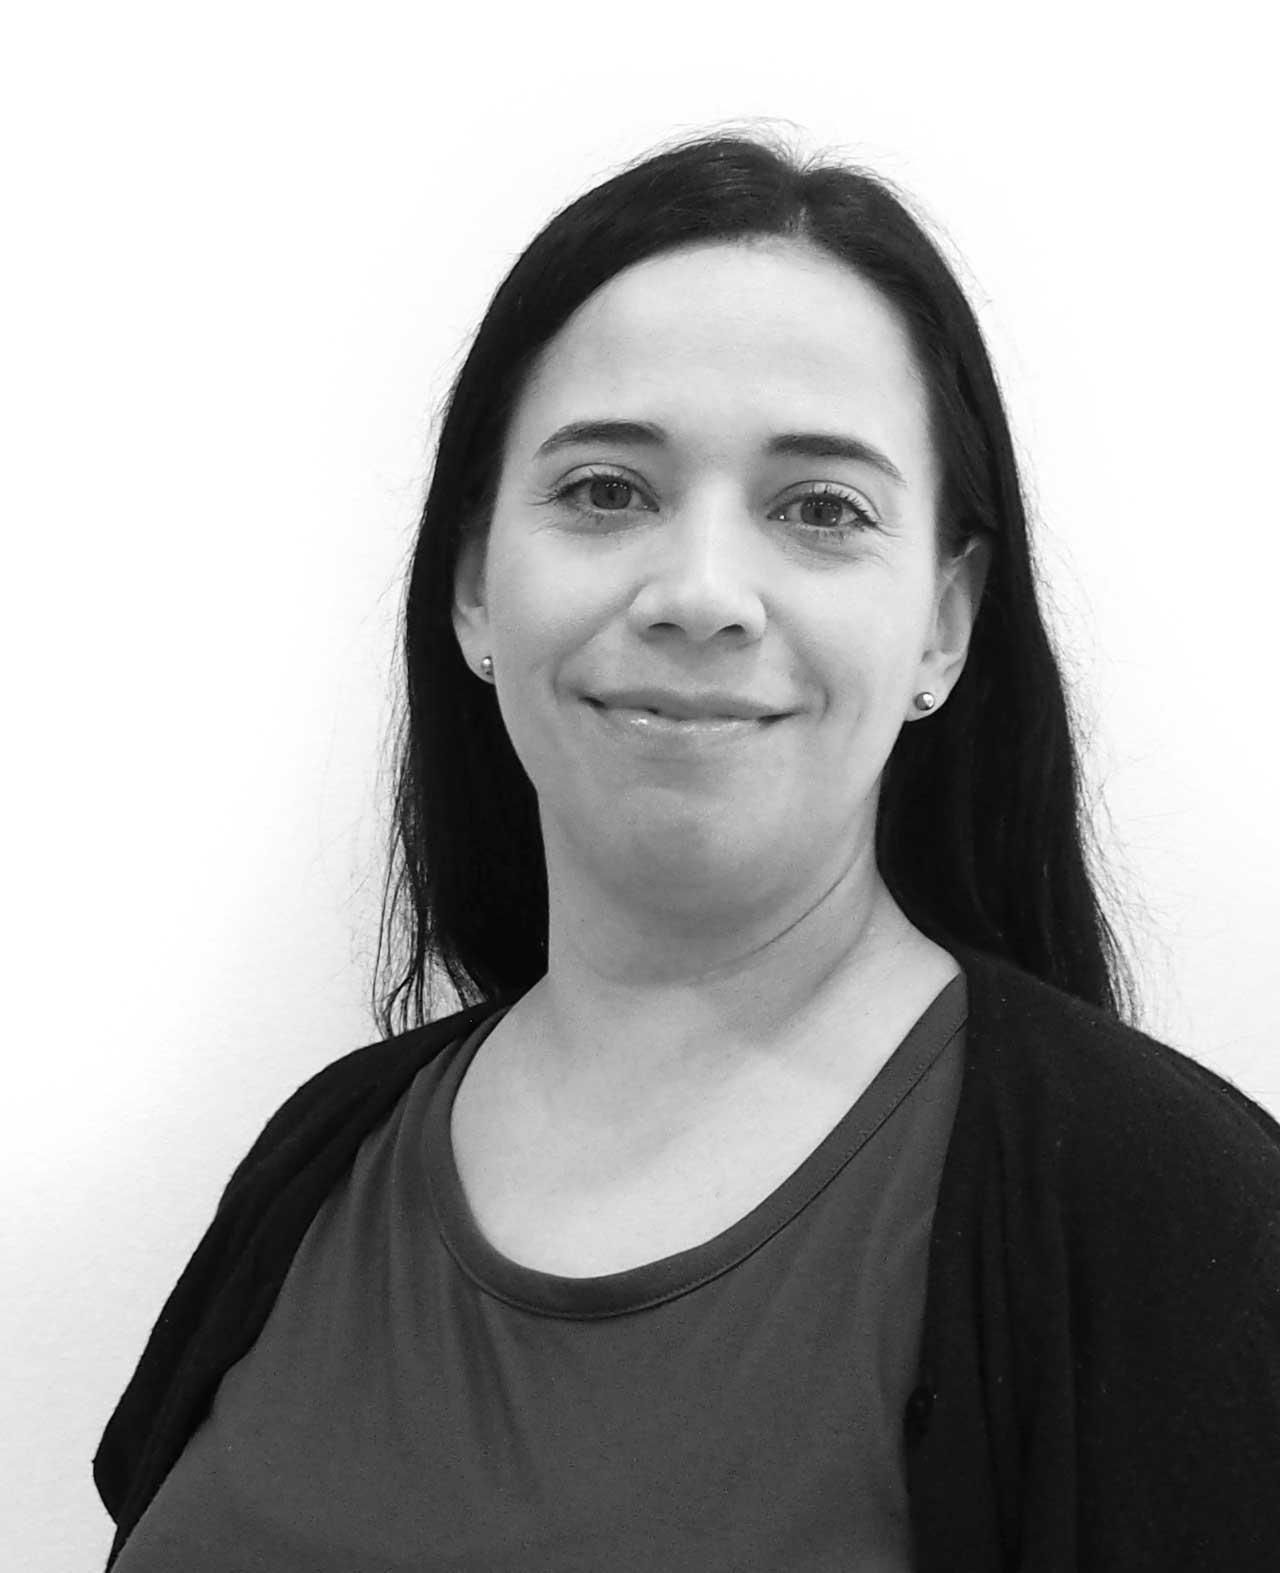 Sofia Sandberg